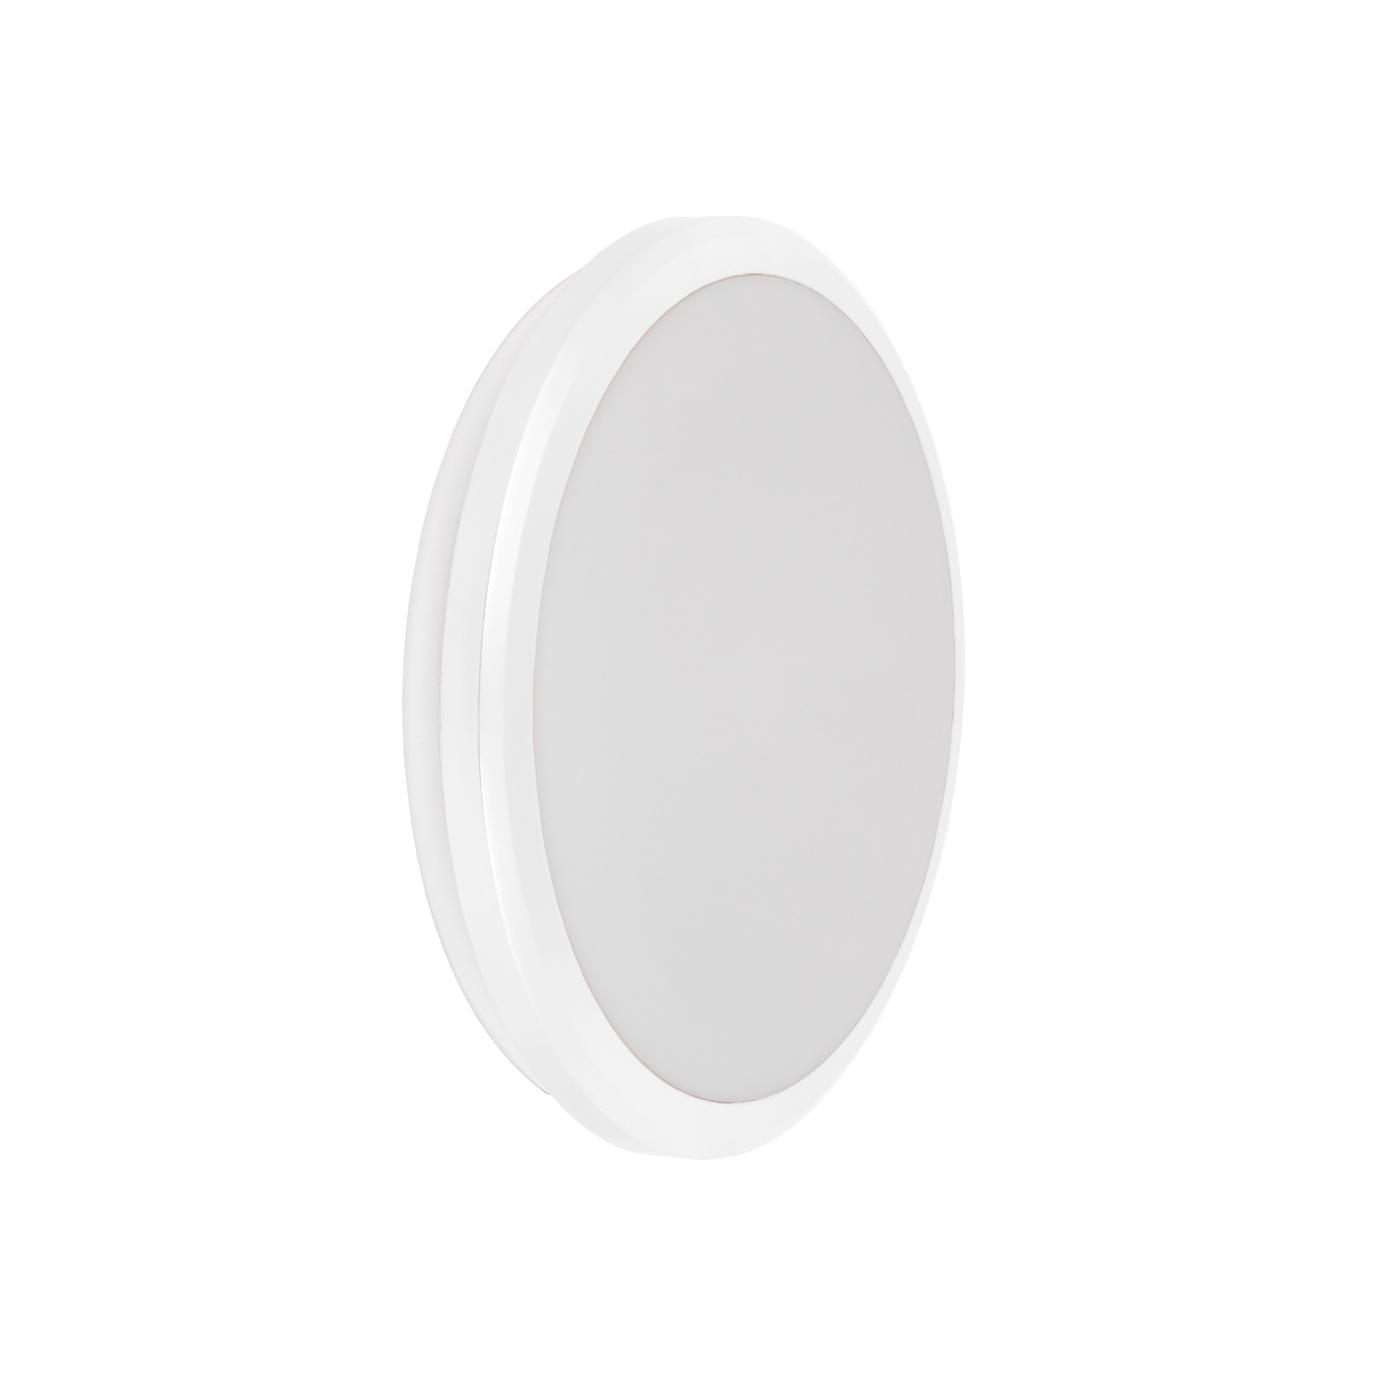 Светильник светодиодный ДПБ 3003 18Вт IP54 4000K круг белый IEK